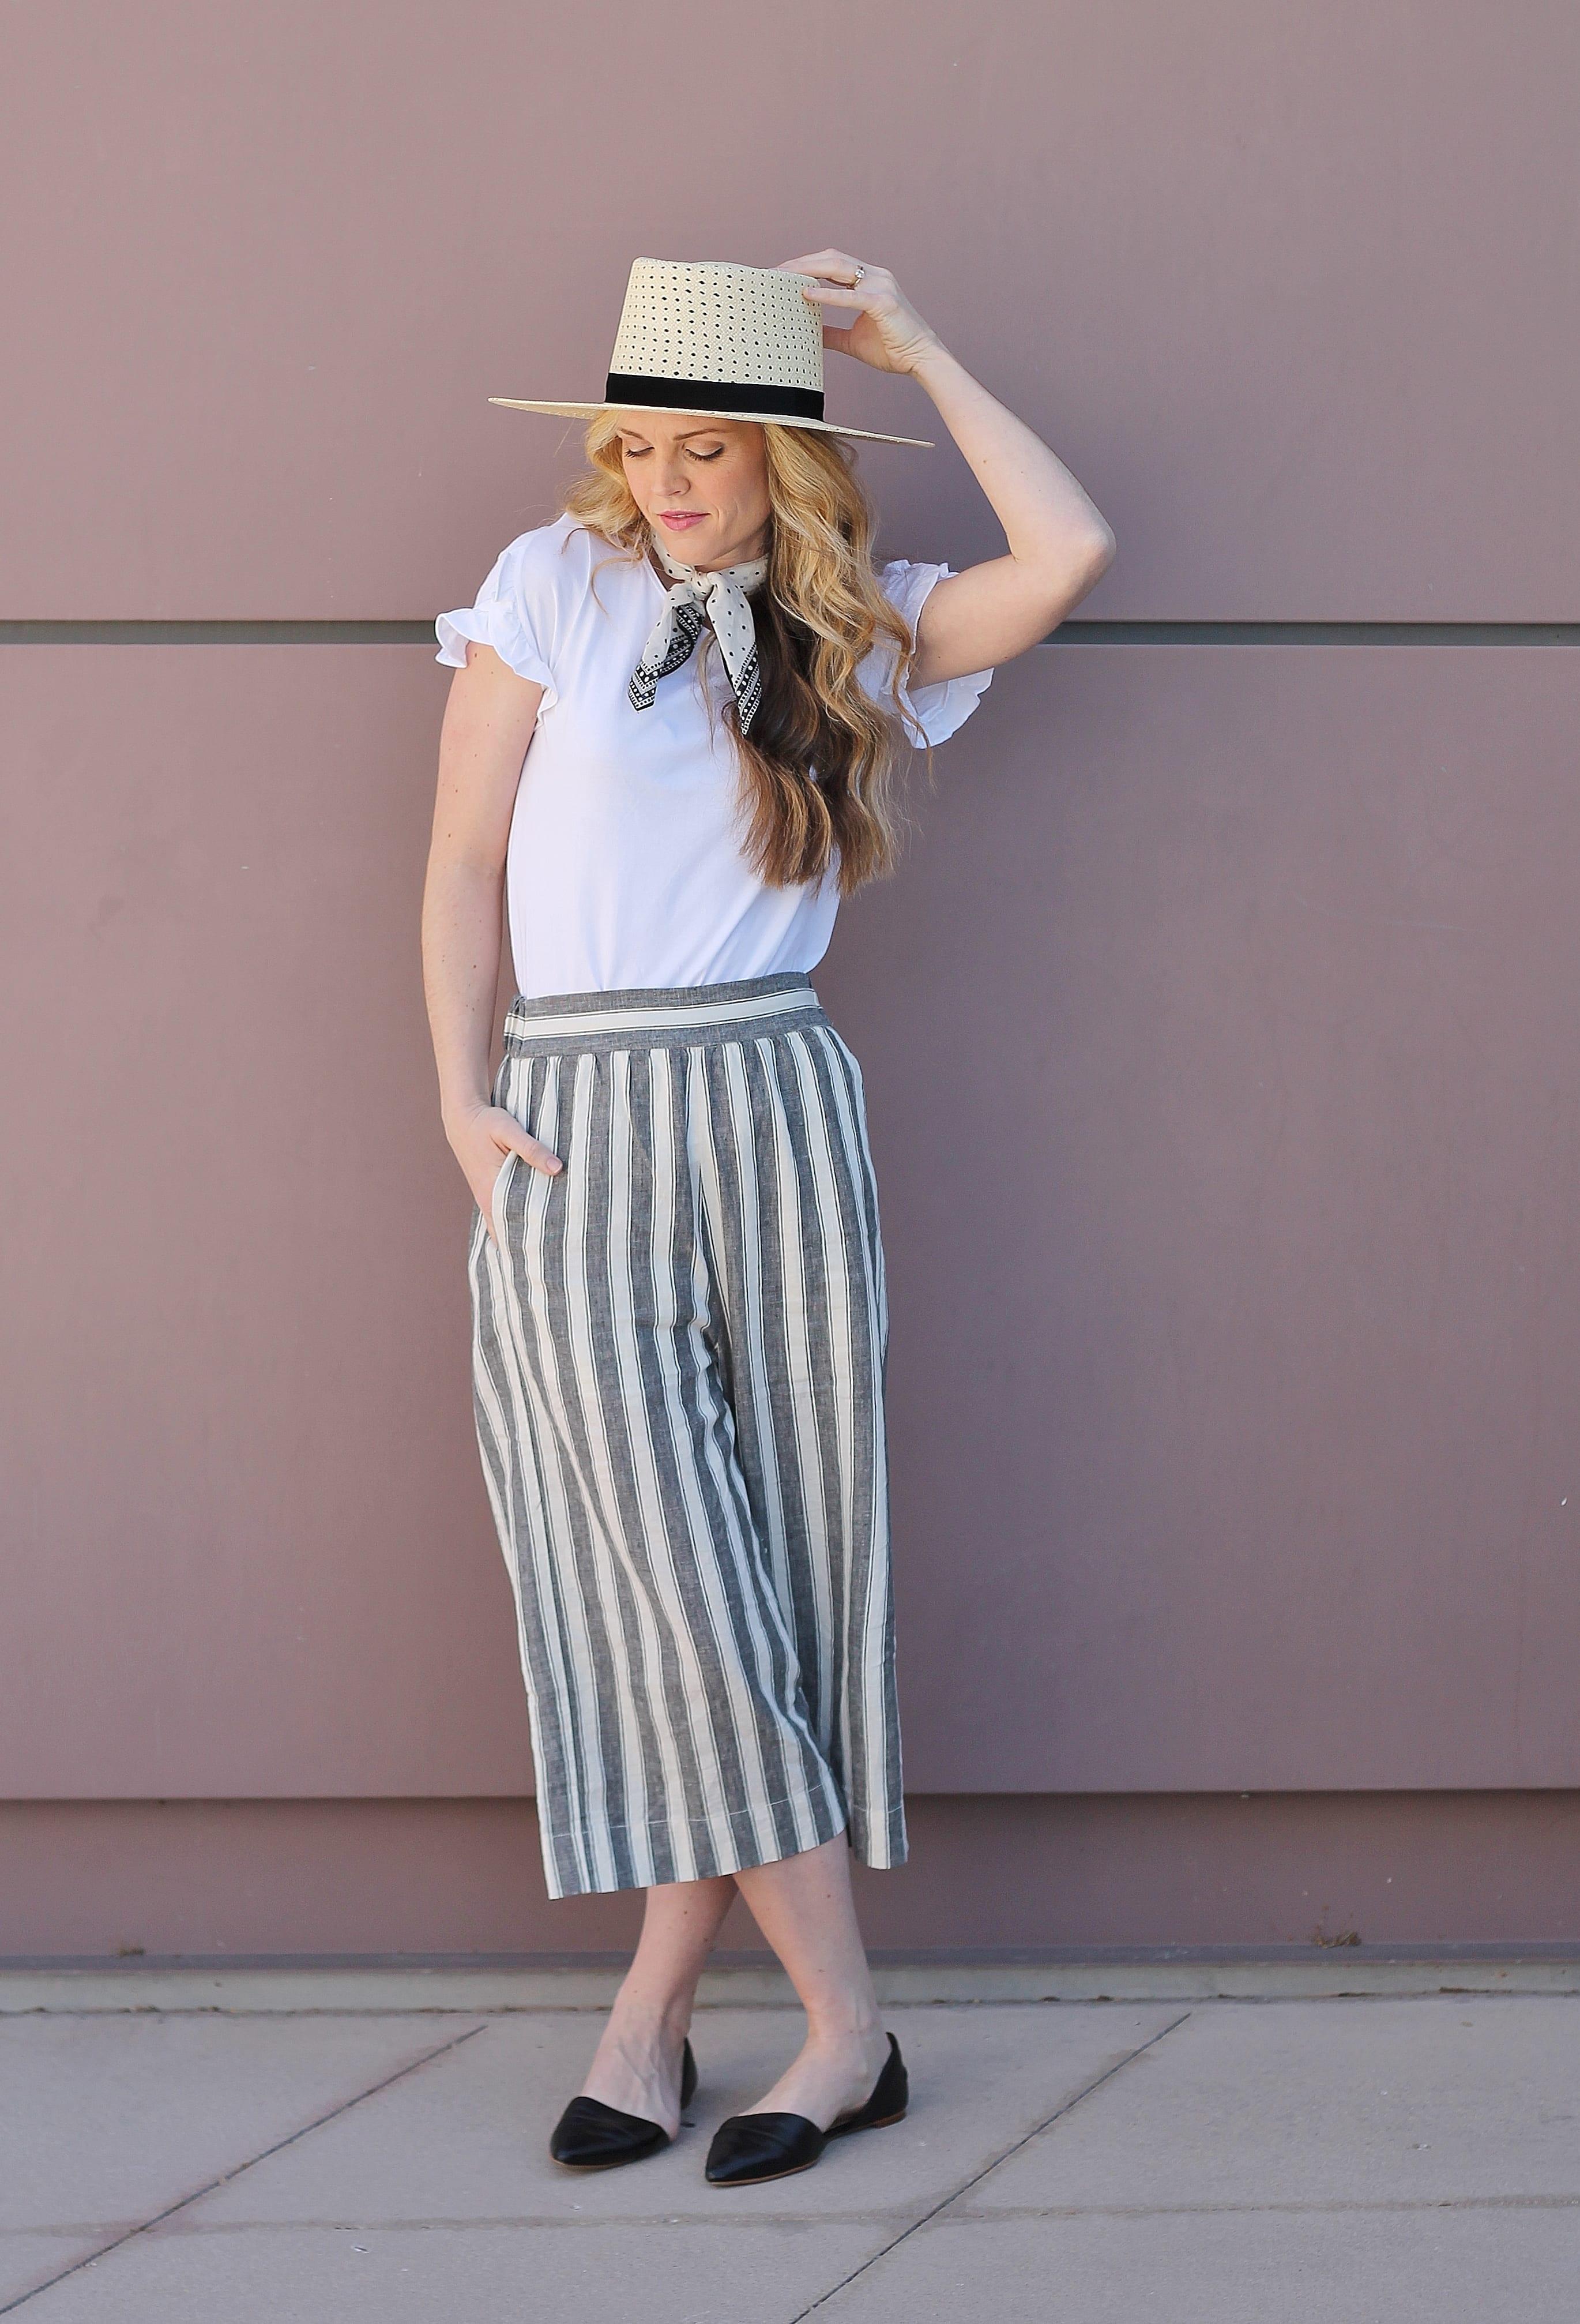 Glam Girls: Shawna from Shawna Leeann